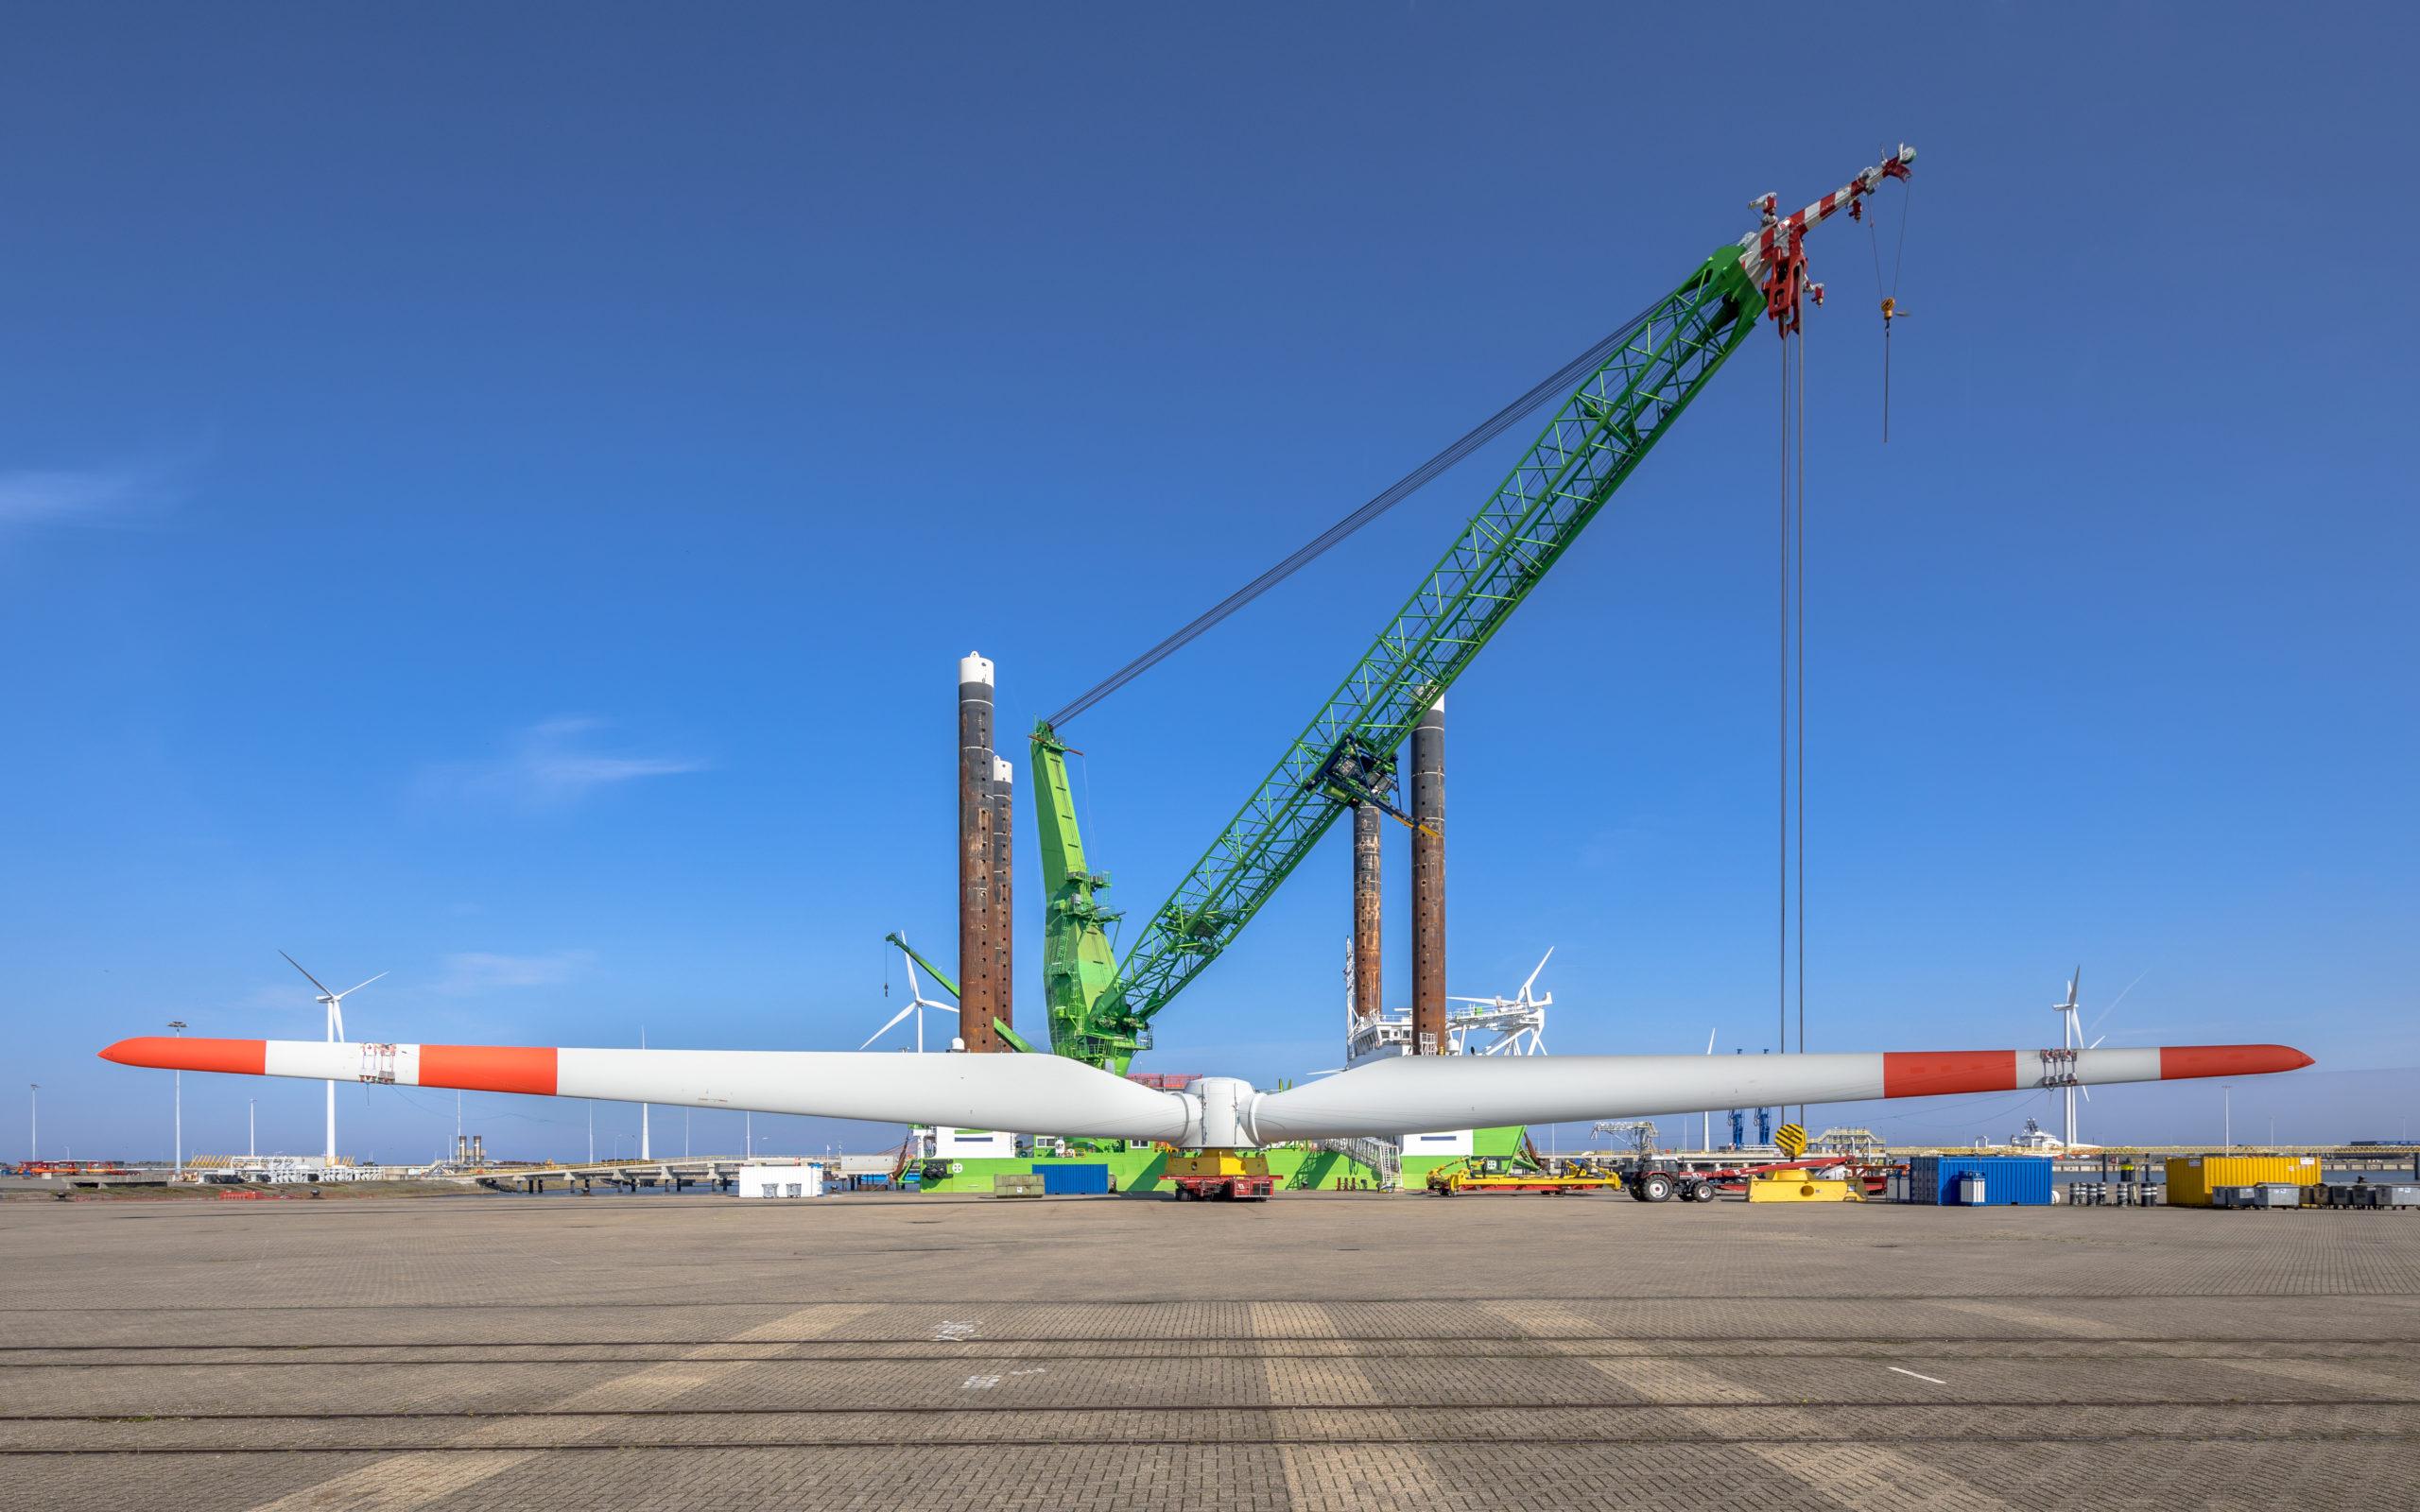 Kein Ausbau der Offshore-Windenergie im ersten Halbjahr 2021 – jetzt Fachkräfte halten und gleichmäßige Auslastung ermöglichen